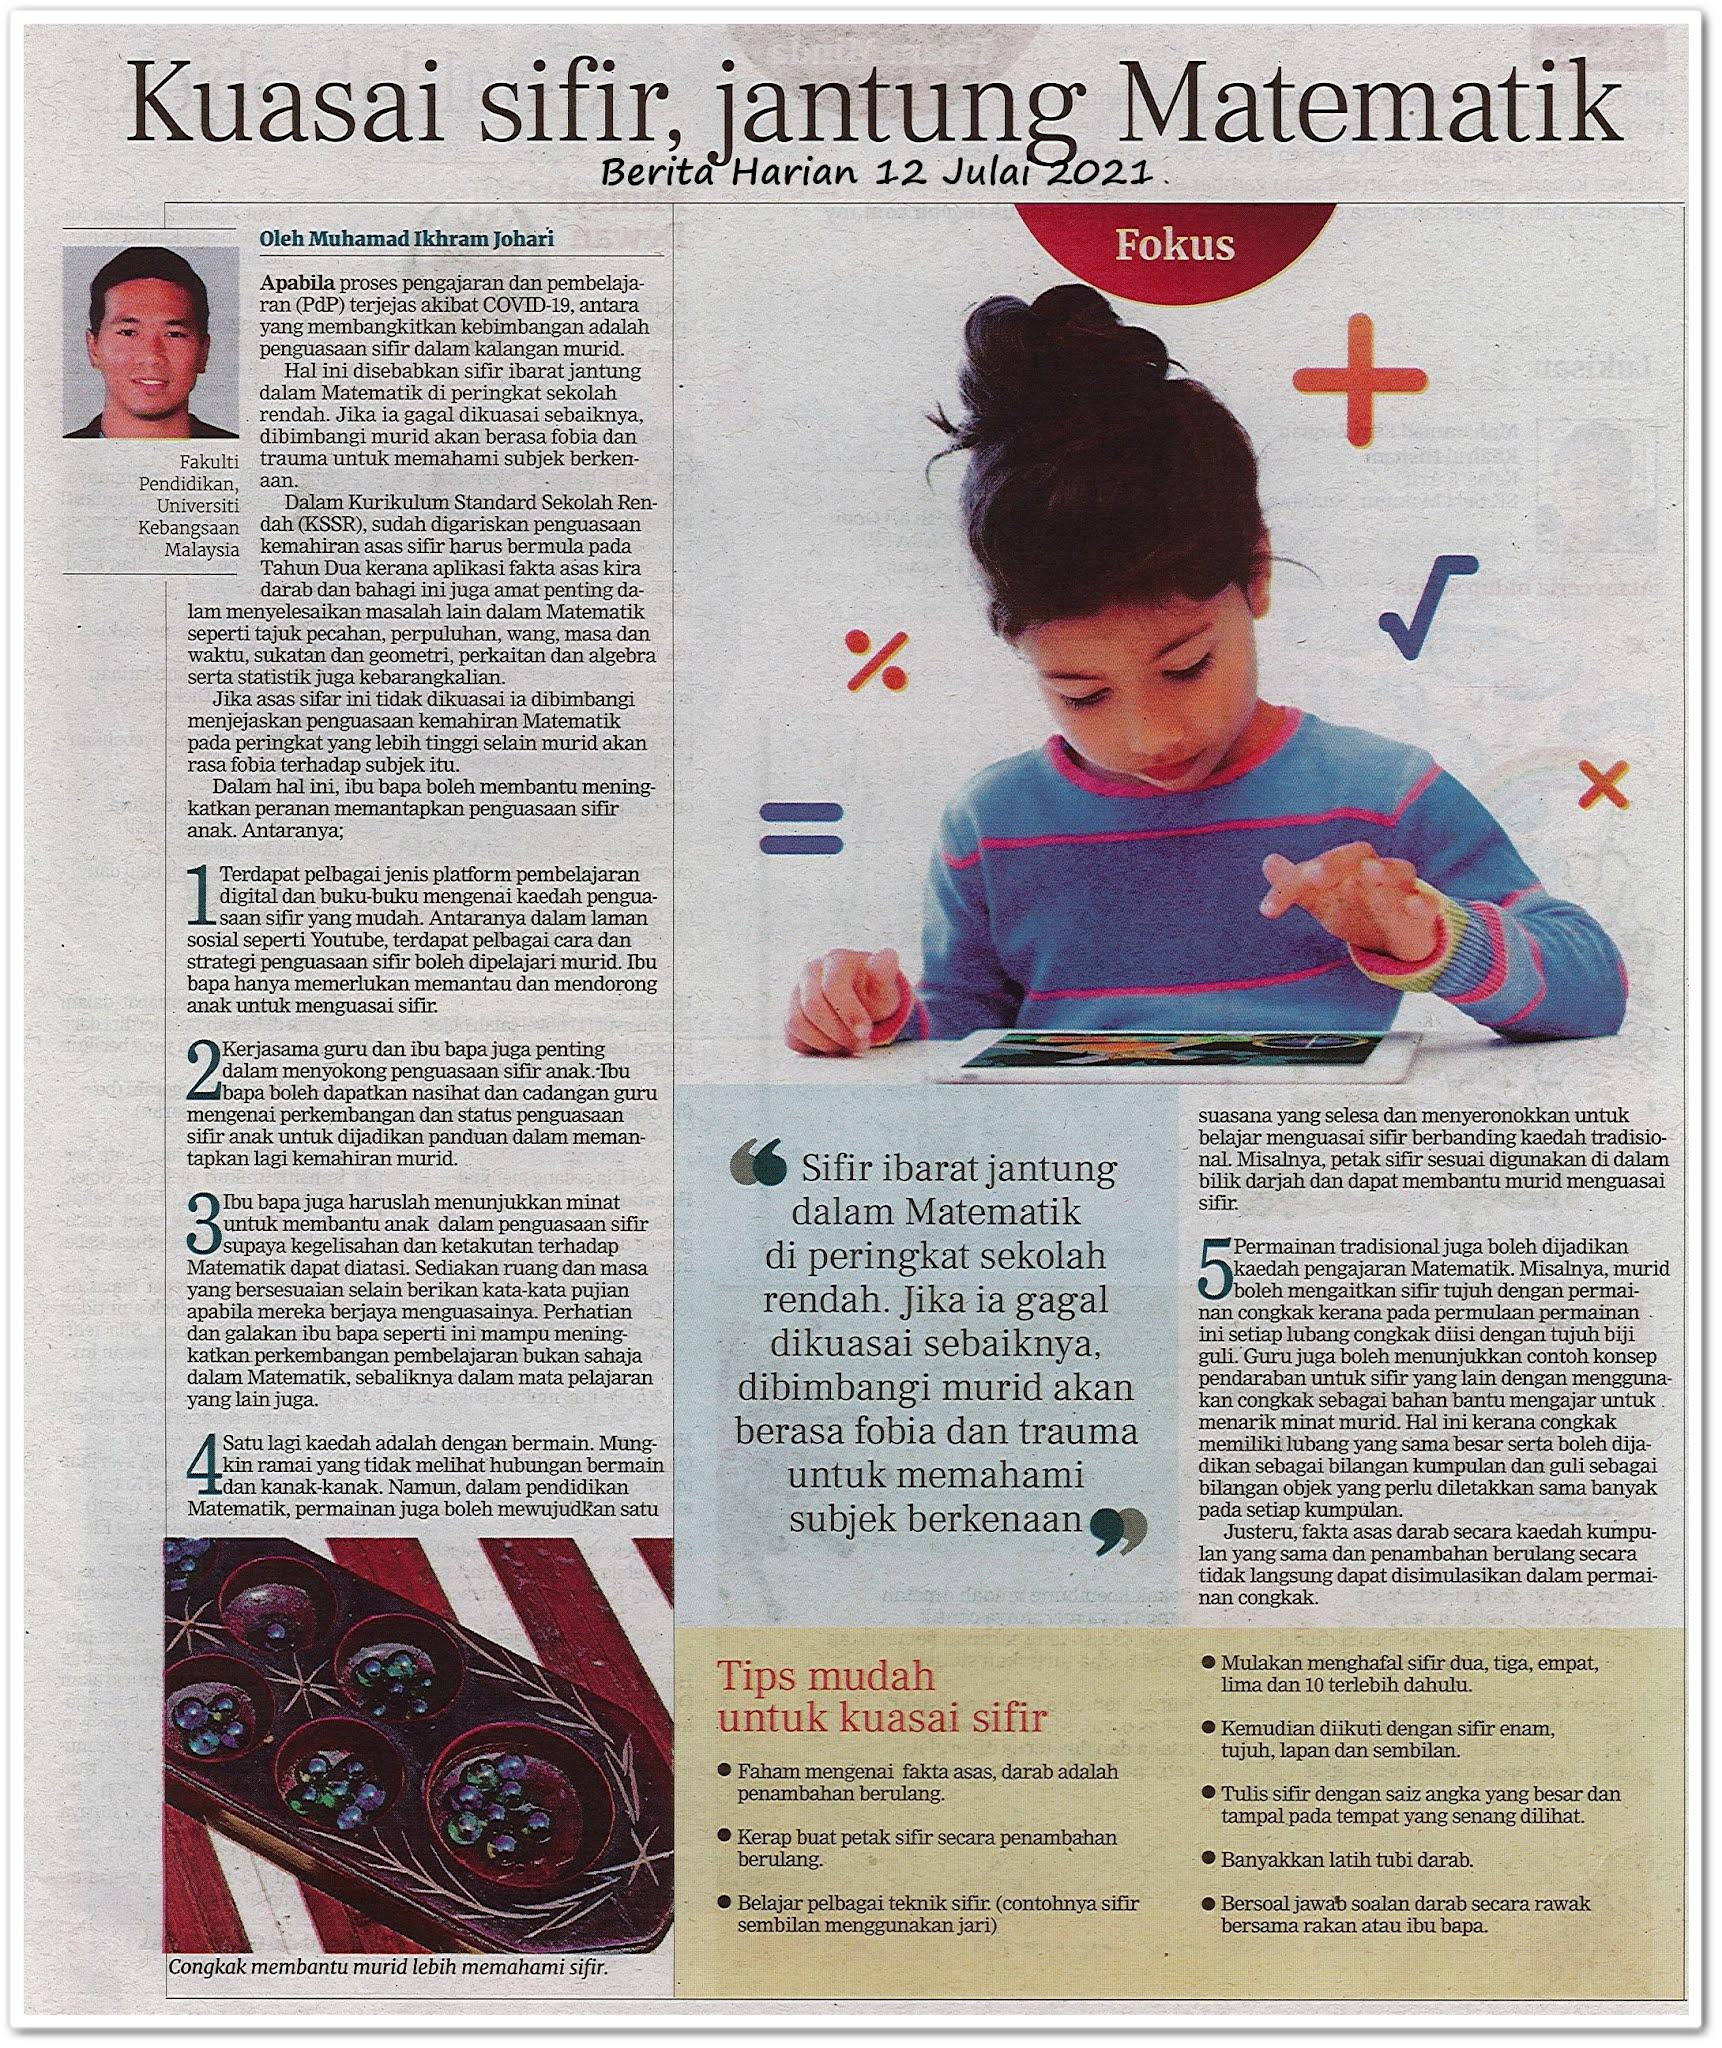 Kuasai sifir jantung Matematik - Keratan akhbar Berita Harian 12 Julai 2021